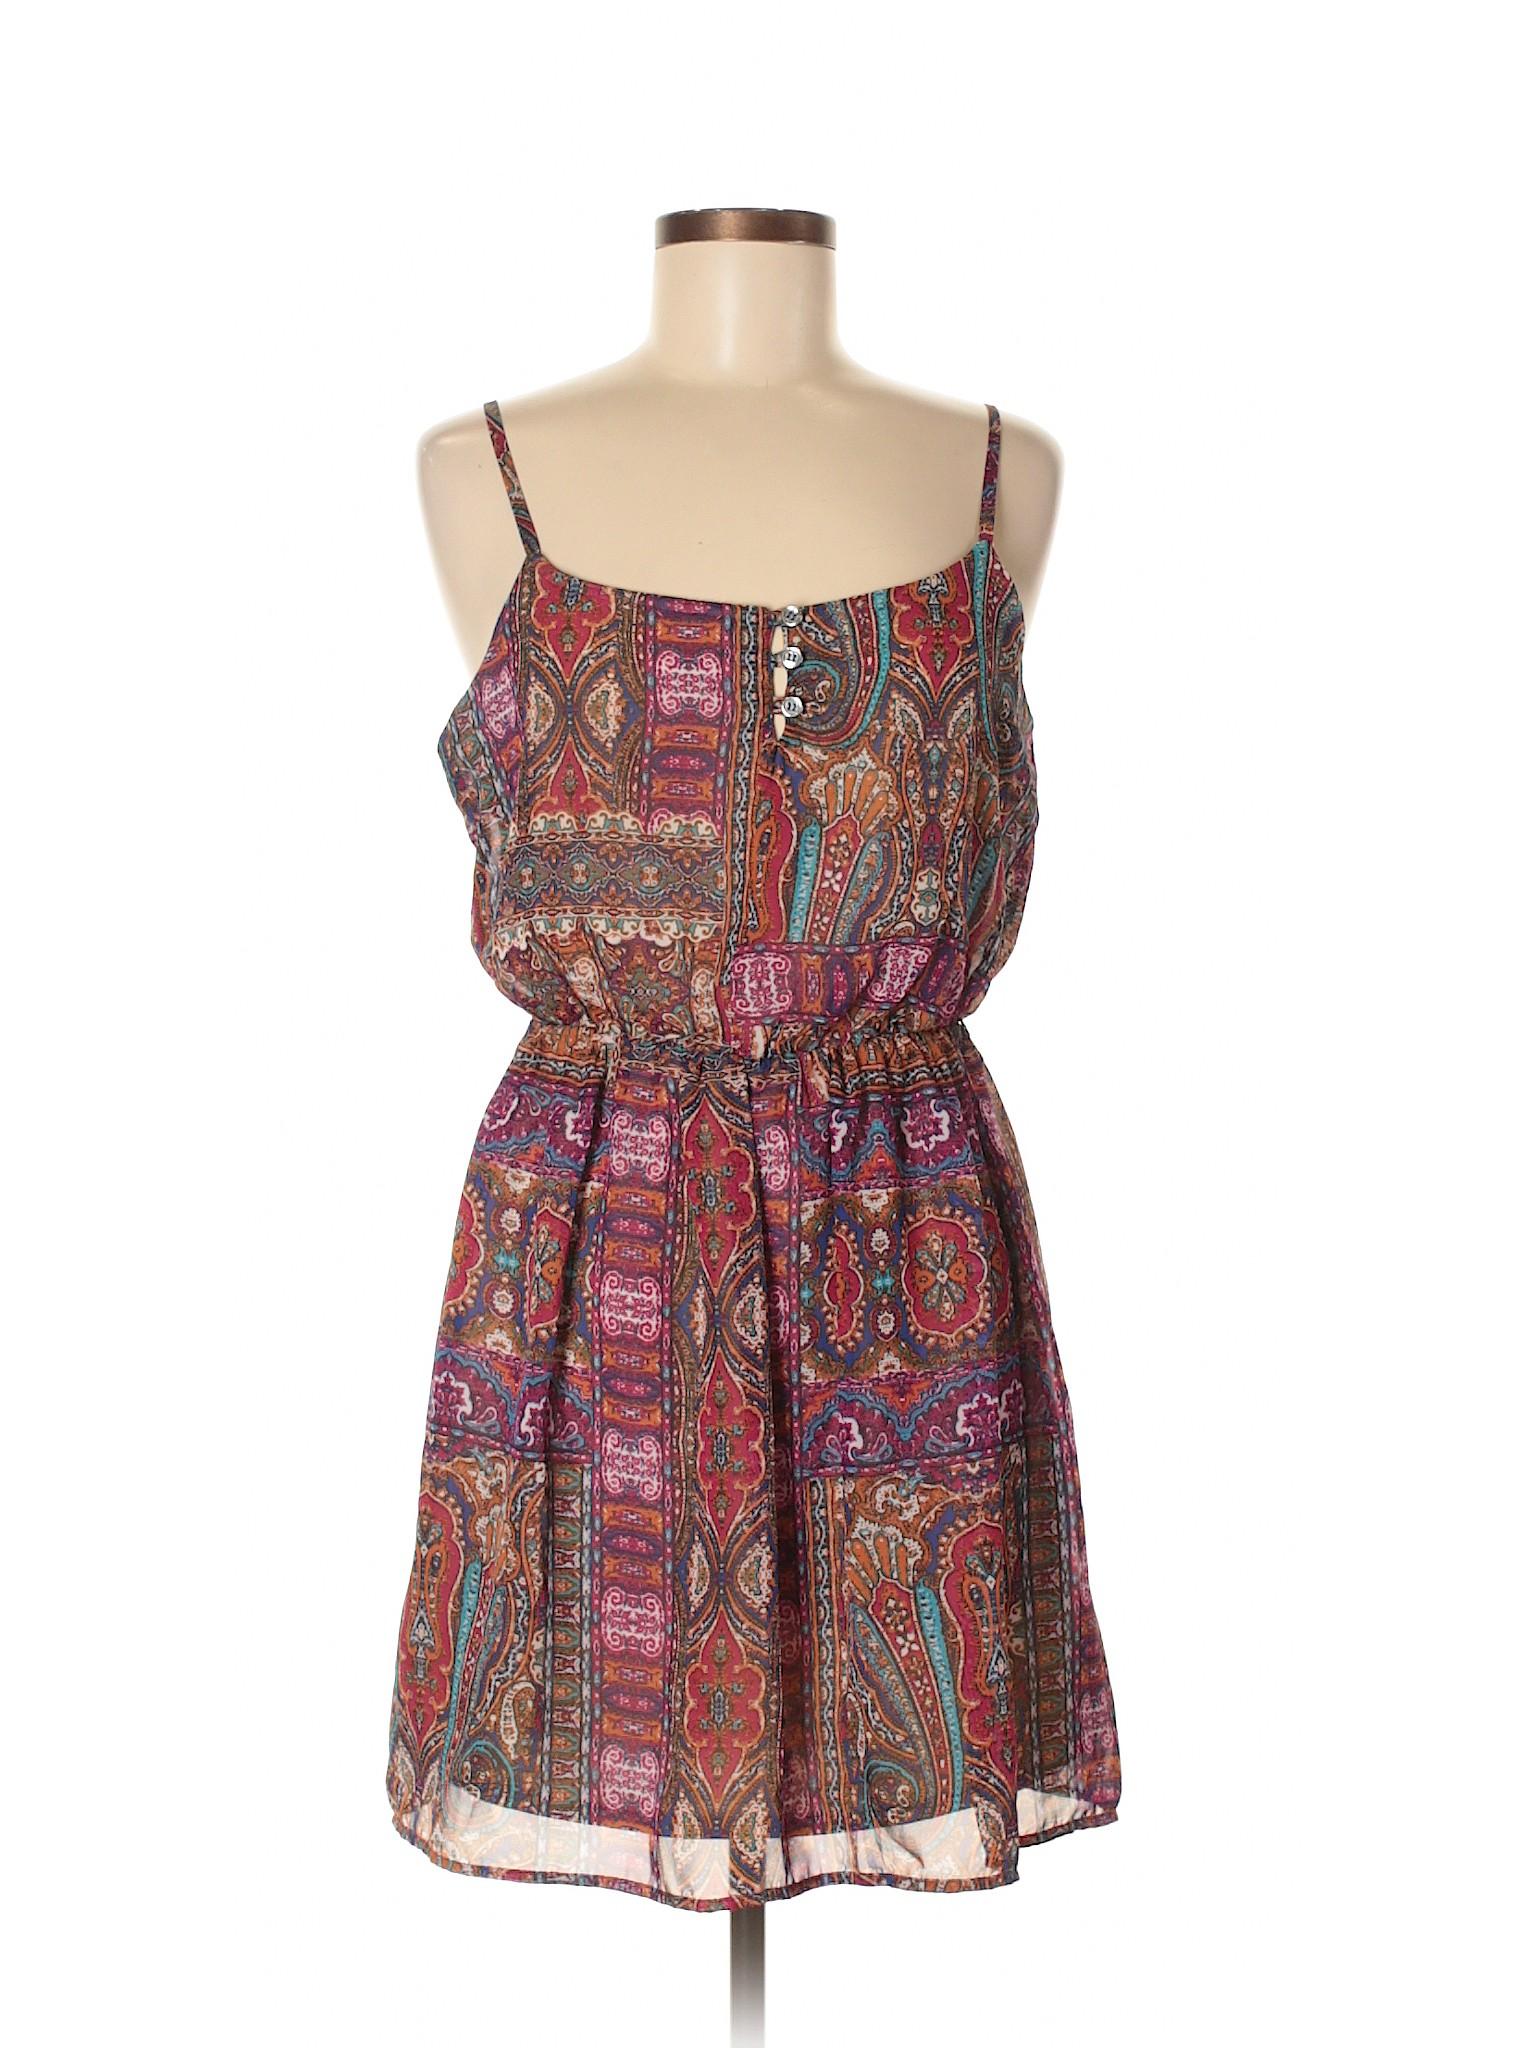 winter Reign Casual Dress Boutique Love CdgndU